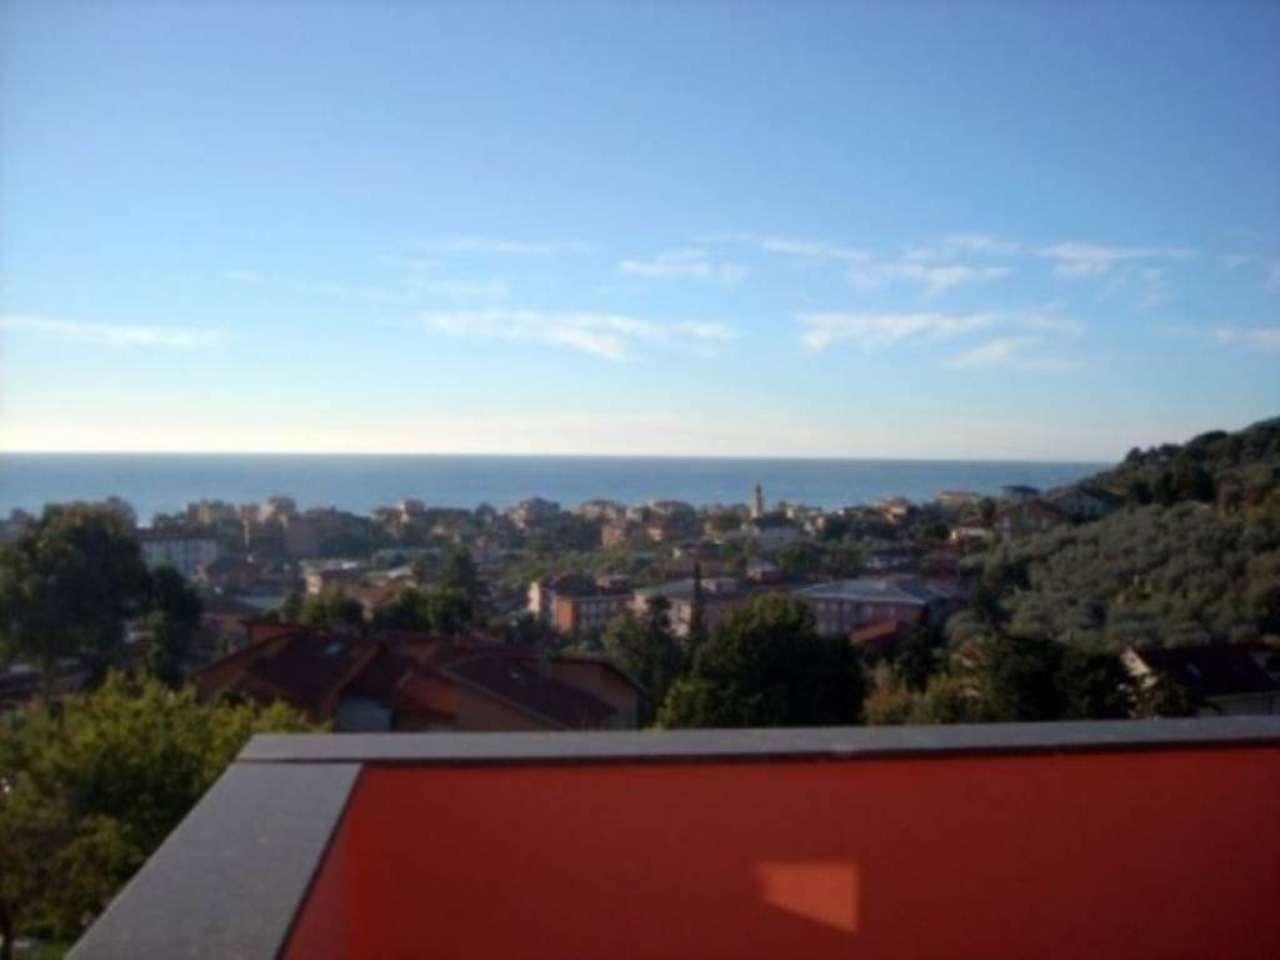 Appartamento in vendita a San Bartolomeo al Mare, 3 locali, prezzo € 198.000 | CambioCasa.it